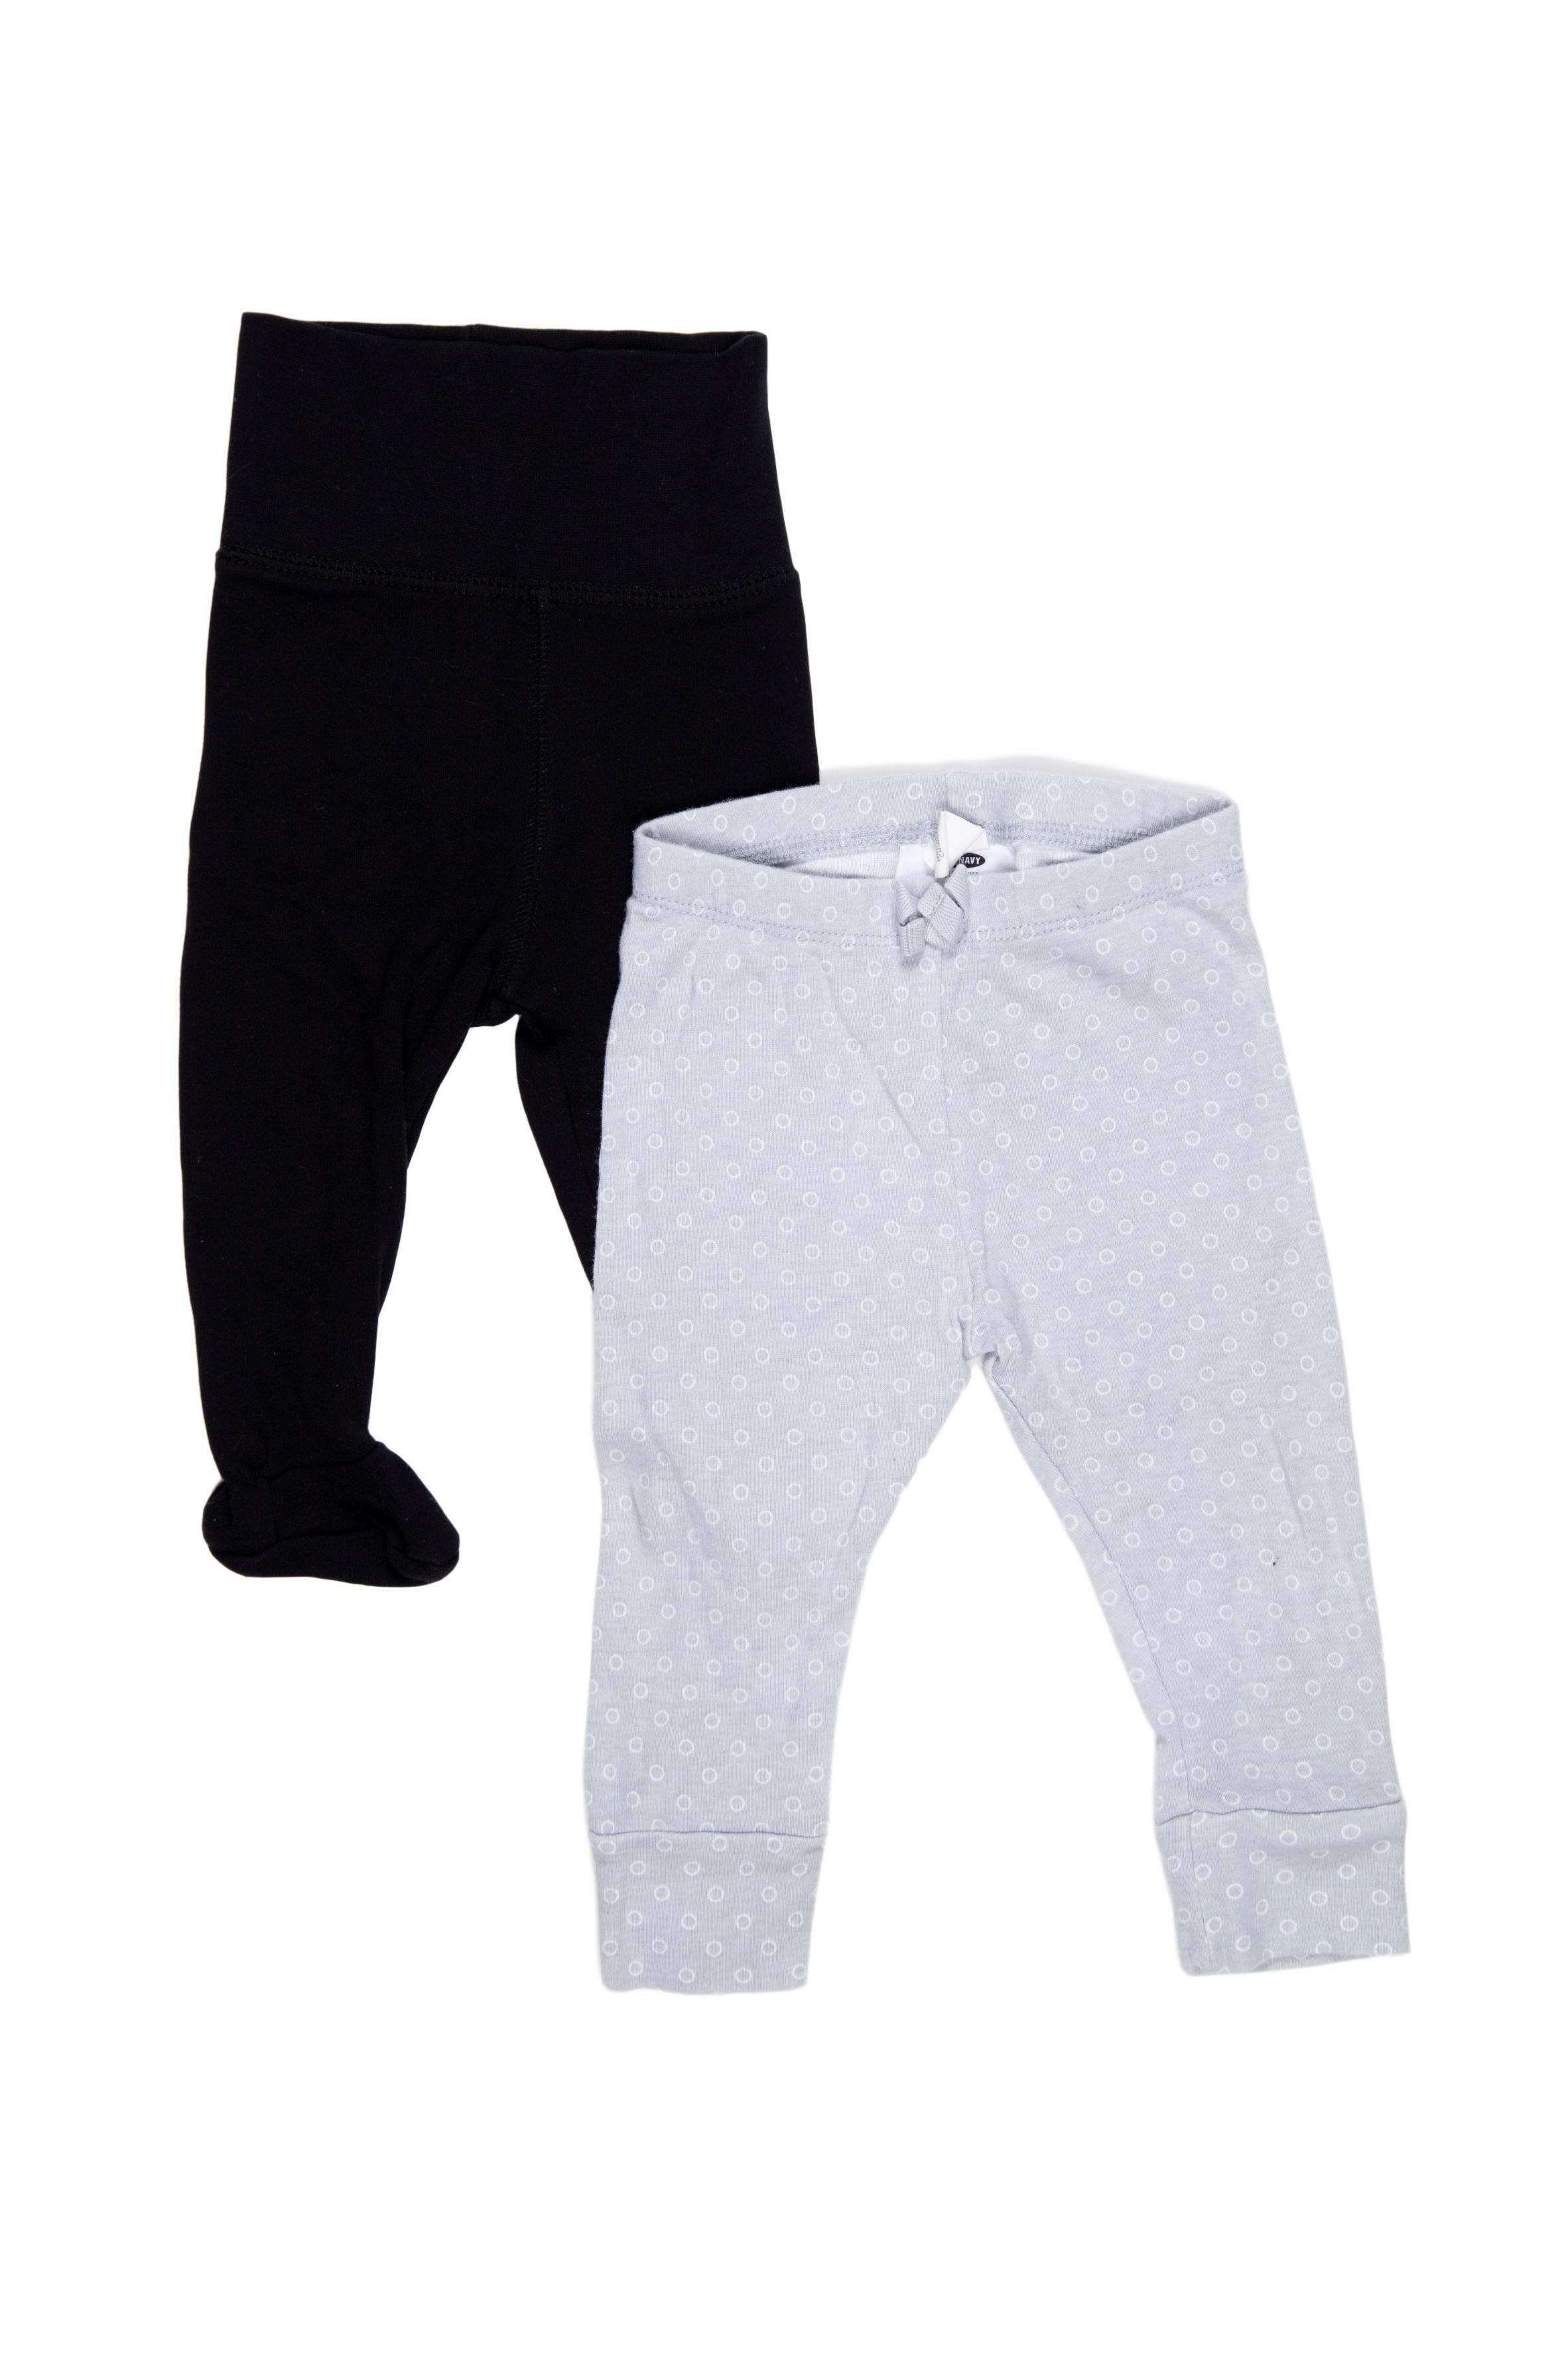 Pack de 2 pantalones, Uno gris Old Navy Talla 3 - 6M, otro negro con pie H&M talla 2 - 4M, ambos 100% algodón. Estiran, probablmente se puedan usar hasta los 6 meses ambos. - Old Navy